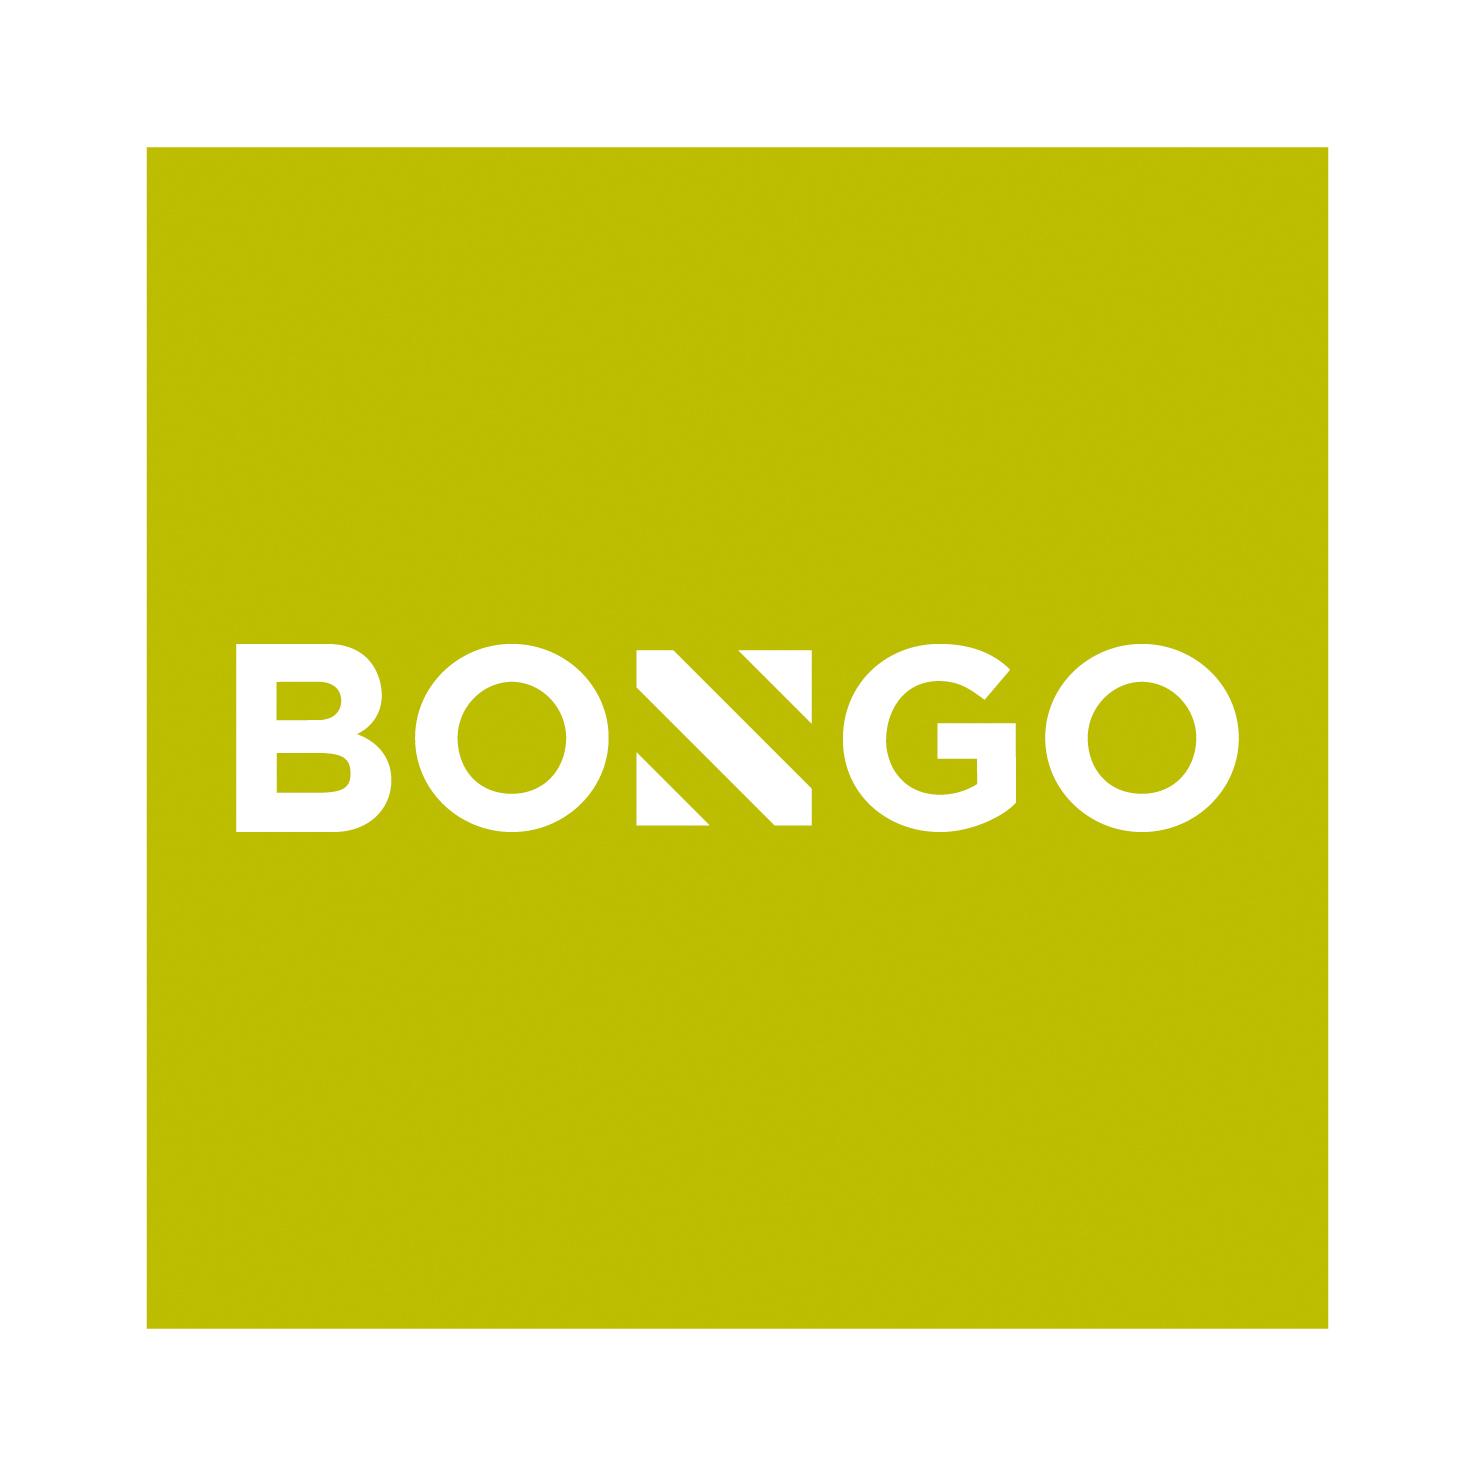 Bongo giftcards